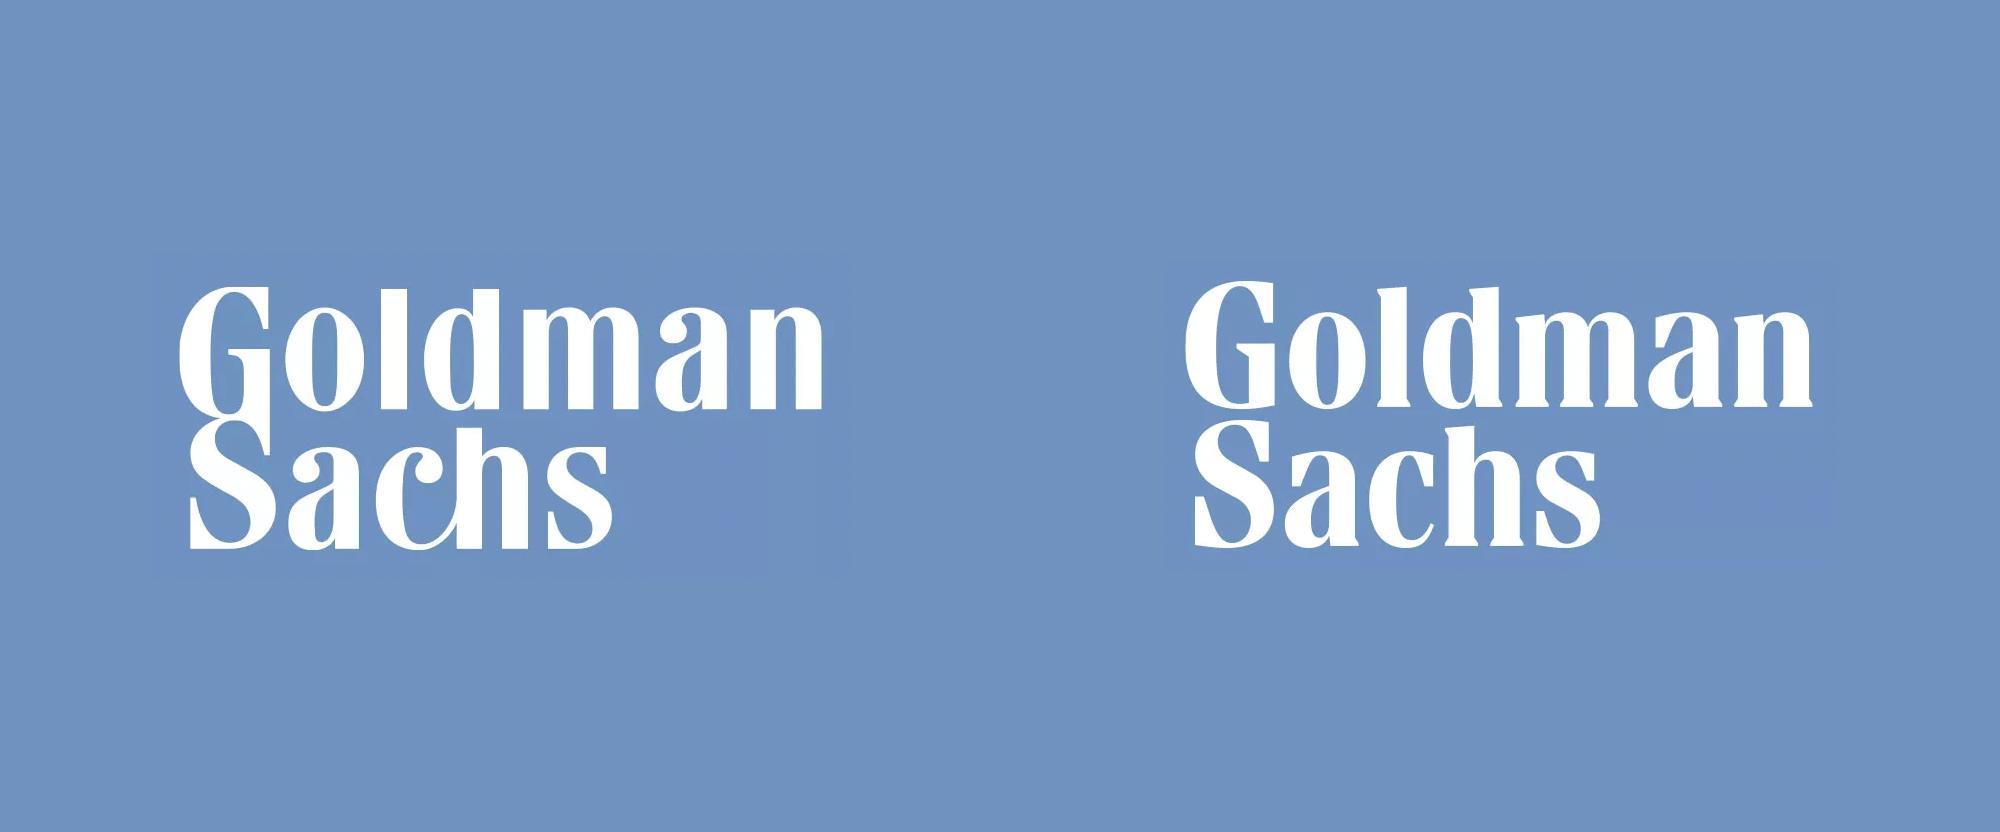 New Logo for Goldman Sachs